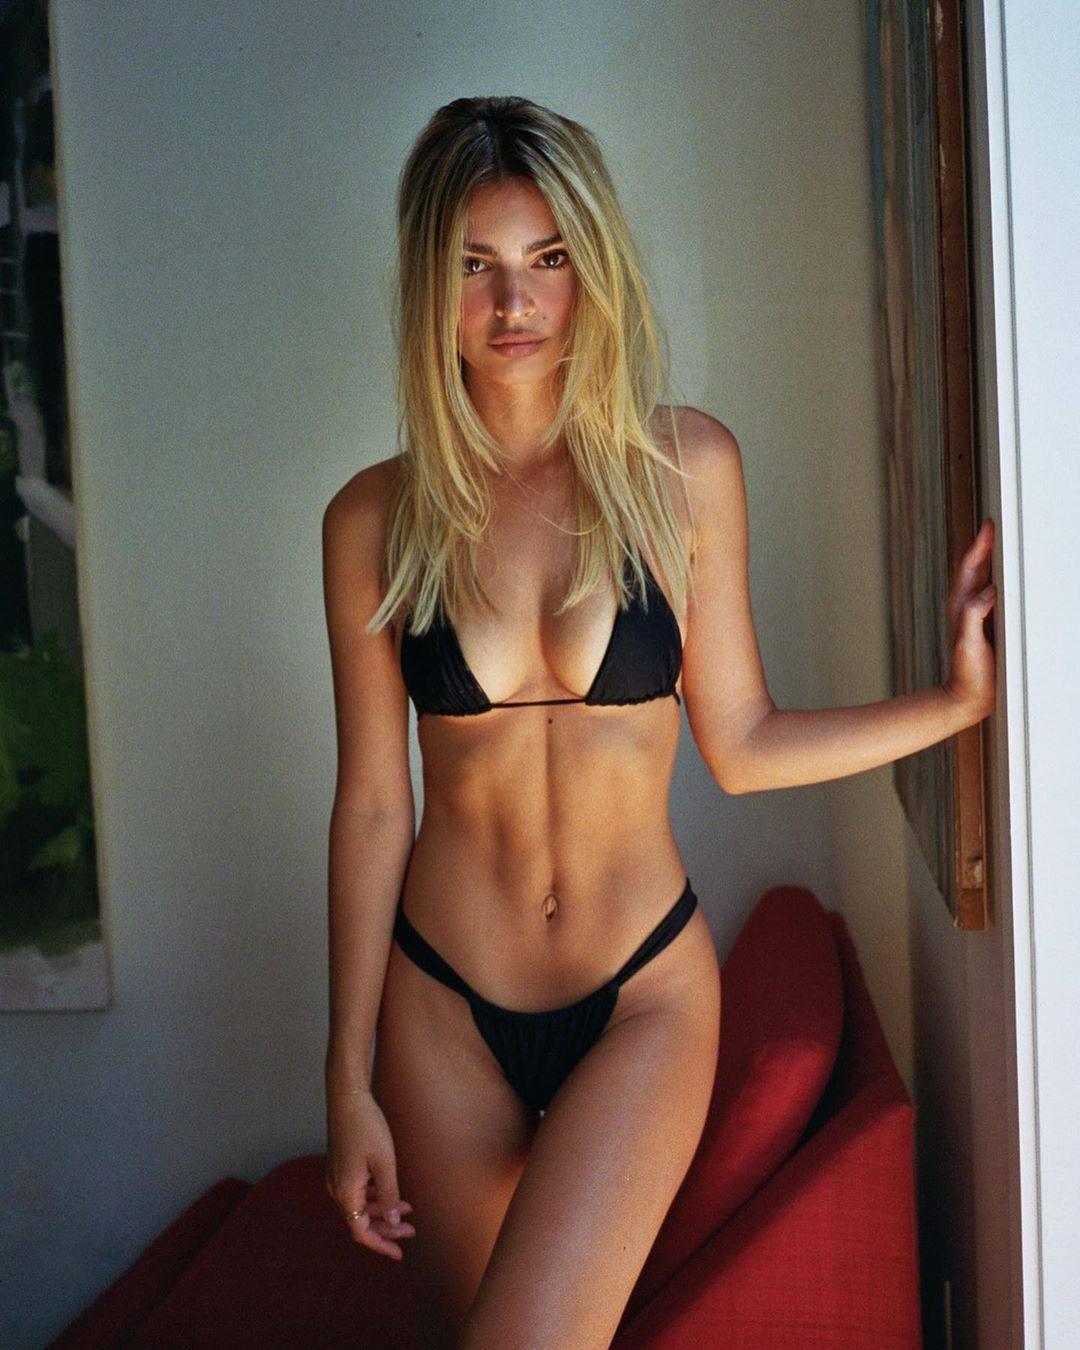 Emily Ratajkowski – Sexy Boobs In Small Black Bikini 0004